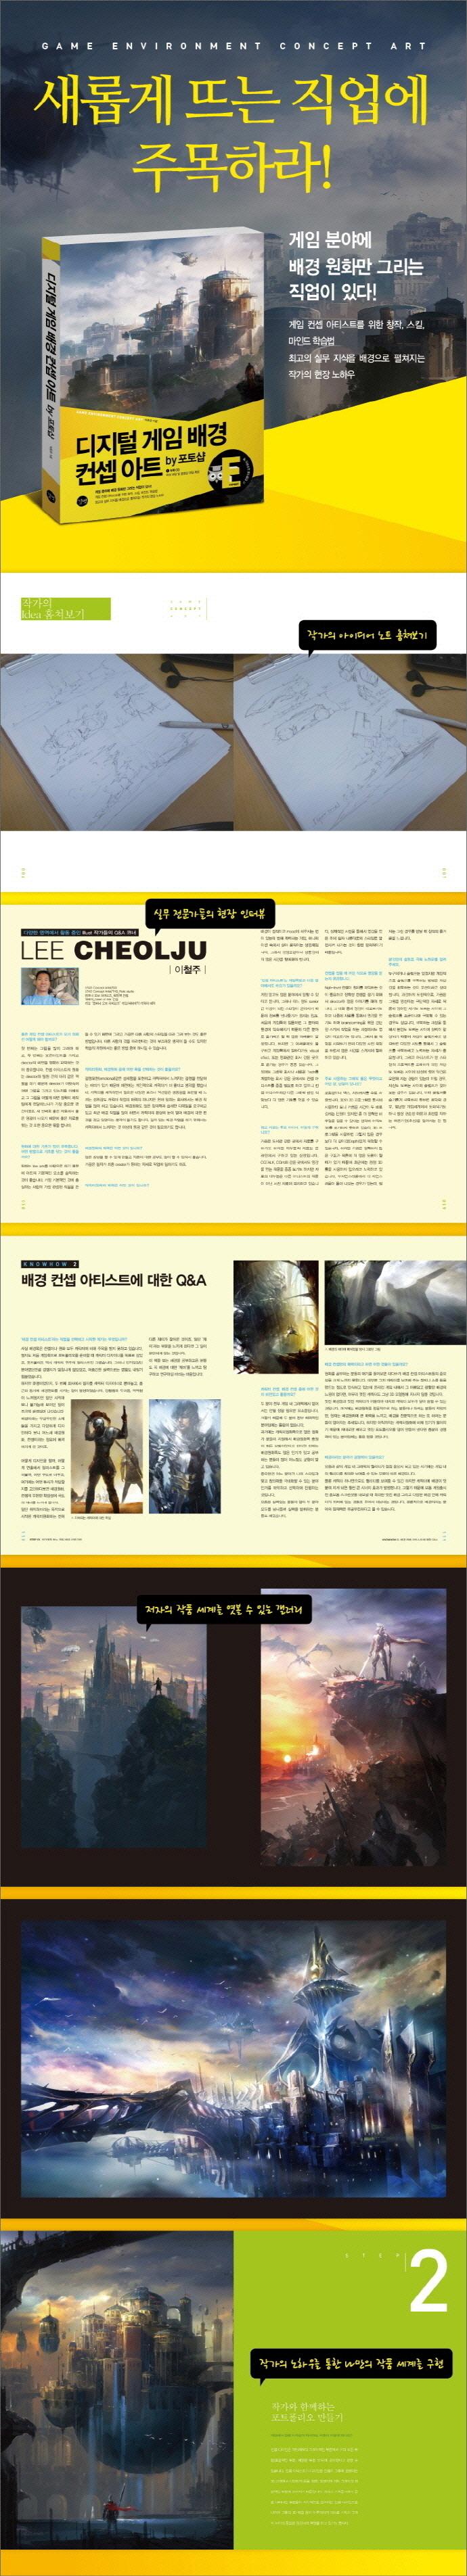 디지털 게임 배경 컨셉 아트  by 포토샵 도서 상세이미지